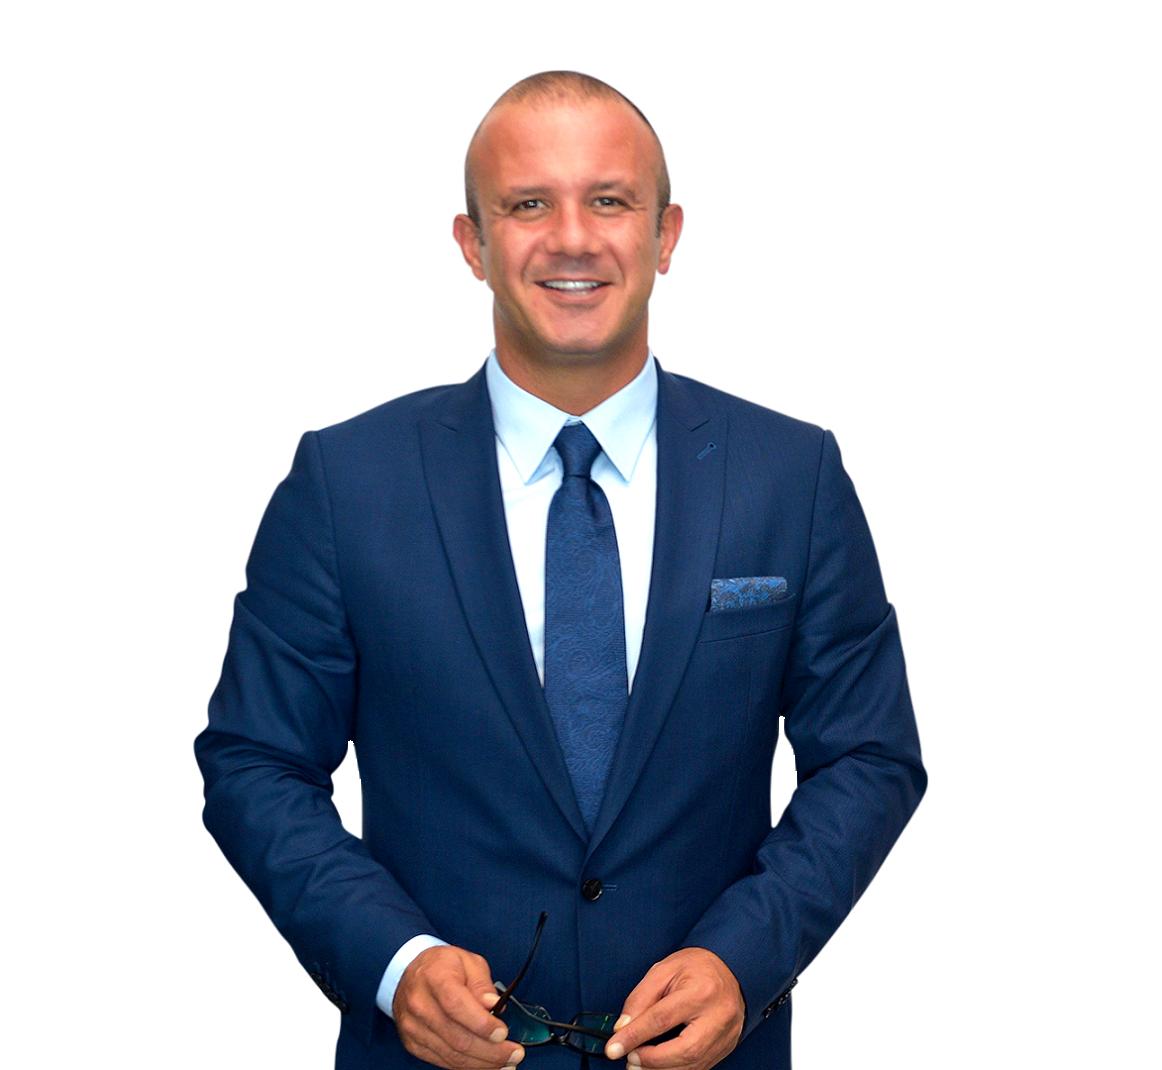 ODE Yalıtım Genel Müdür Yardımcısı Özgür Kaan Alioğlu